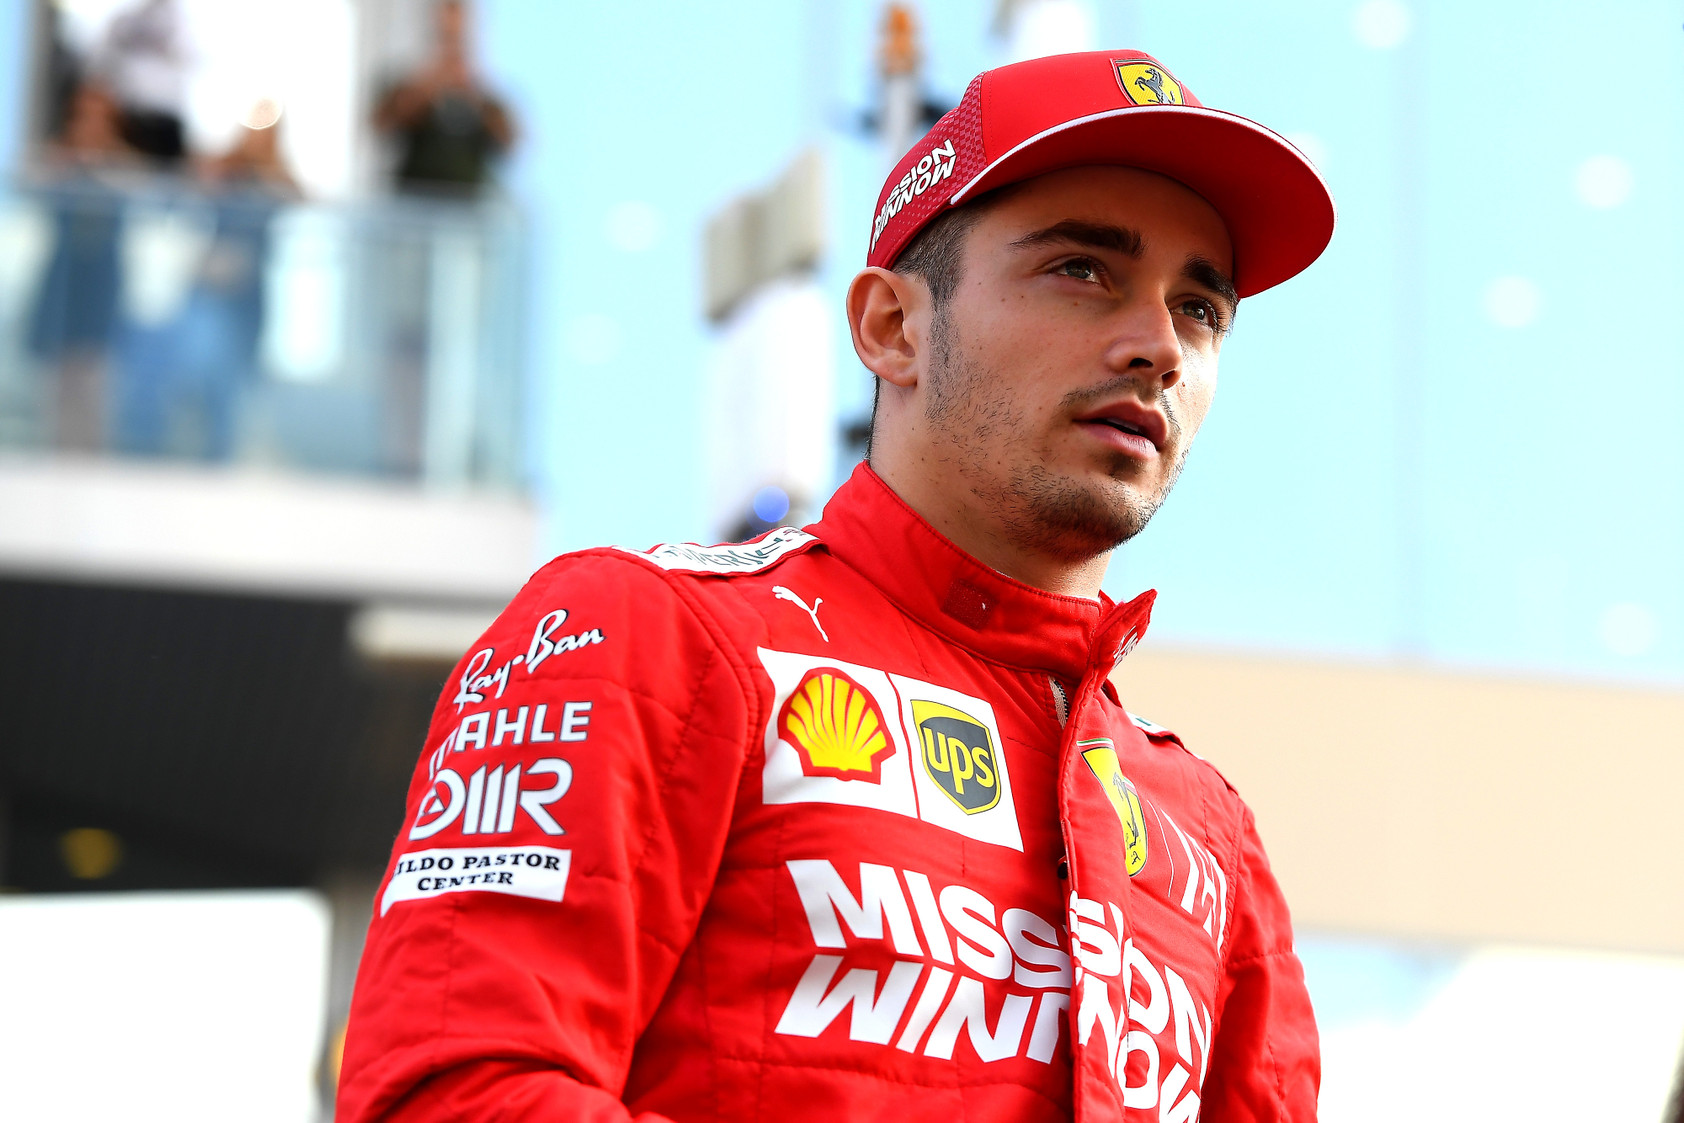 B. Zehnderis: C. Leclercas - K. Raikkoneno ir M. Schumacherio mišinys